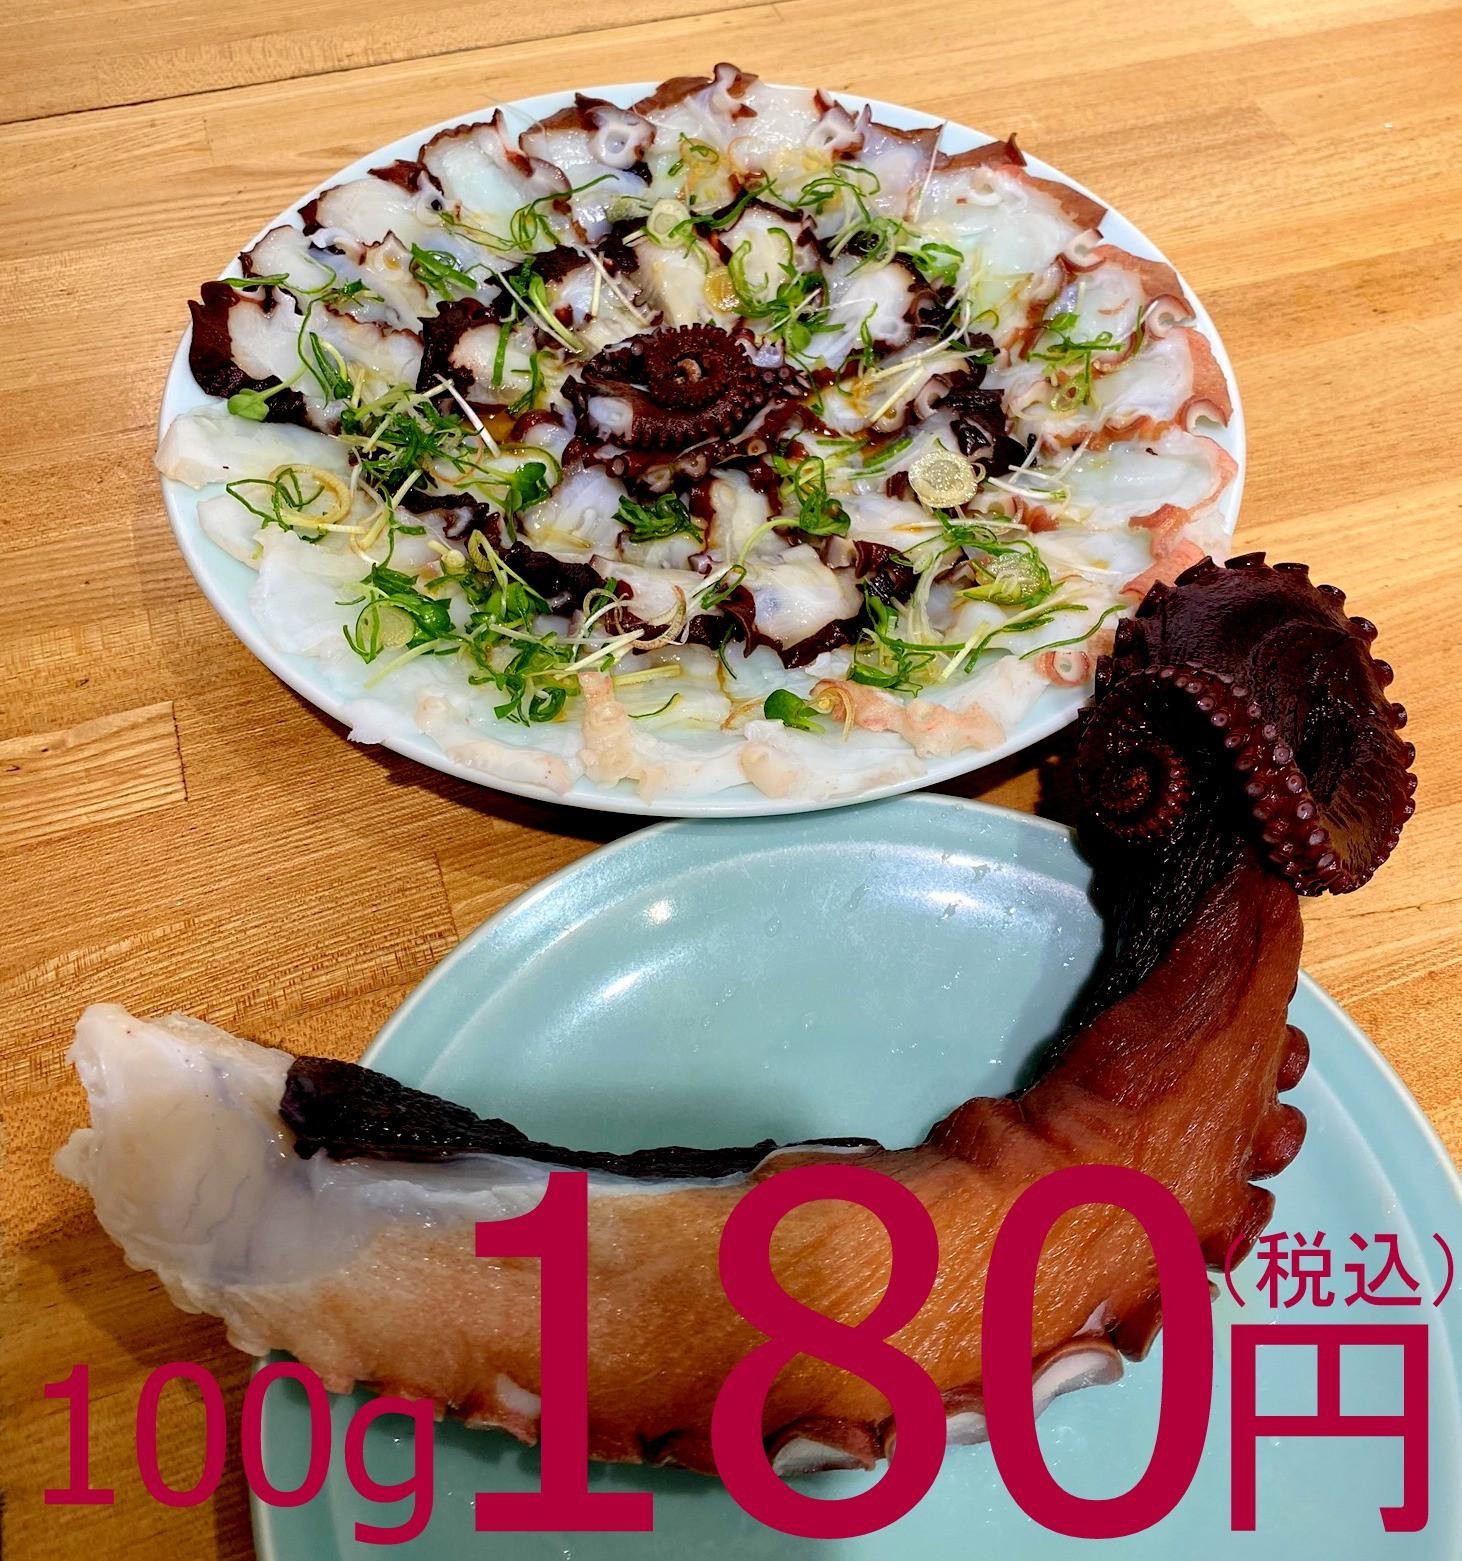 北海道紋別産の美味しいボイルタコ足をキレイに盛り付けるの巻